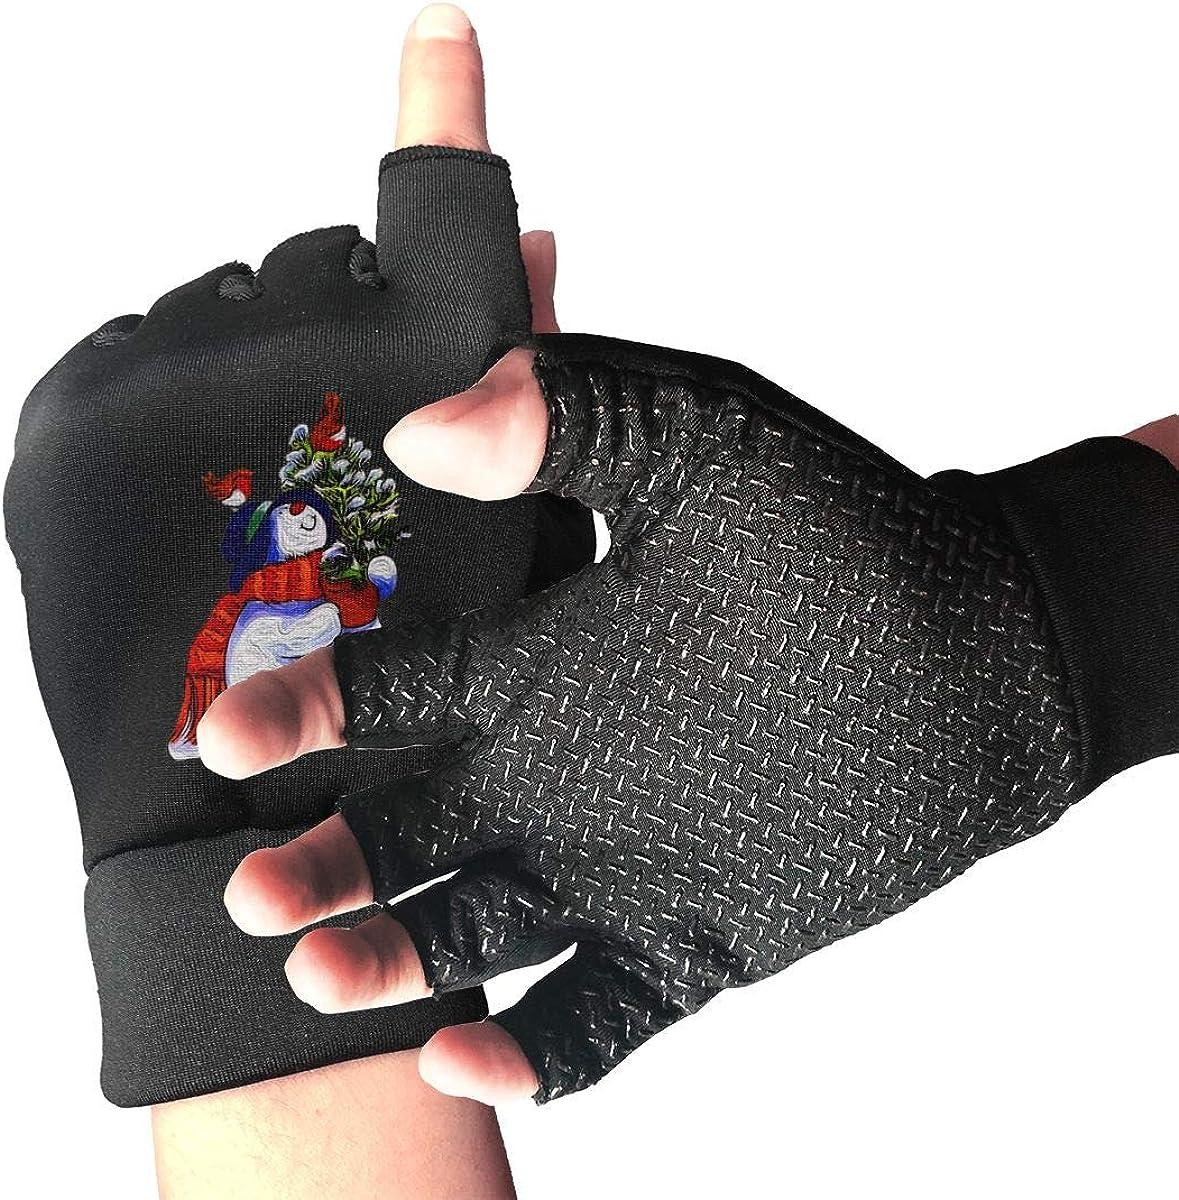 Gloves The Snowman Wears A Hat Fingerless Gloves Short Touchscreen Gloves Winter Motorcycle Biker Mitten